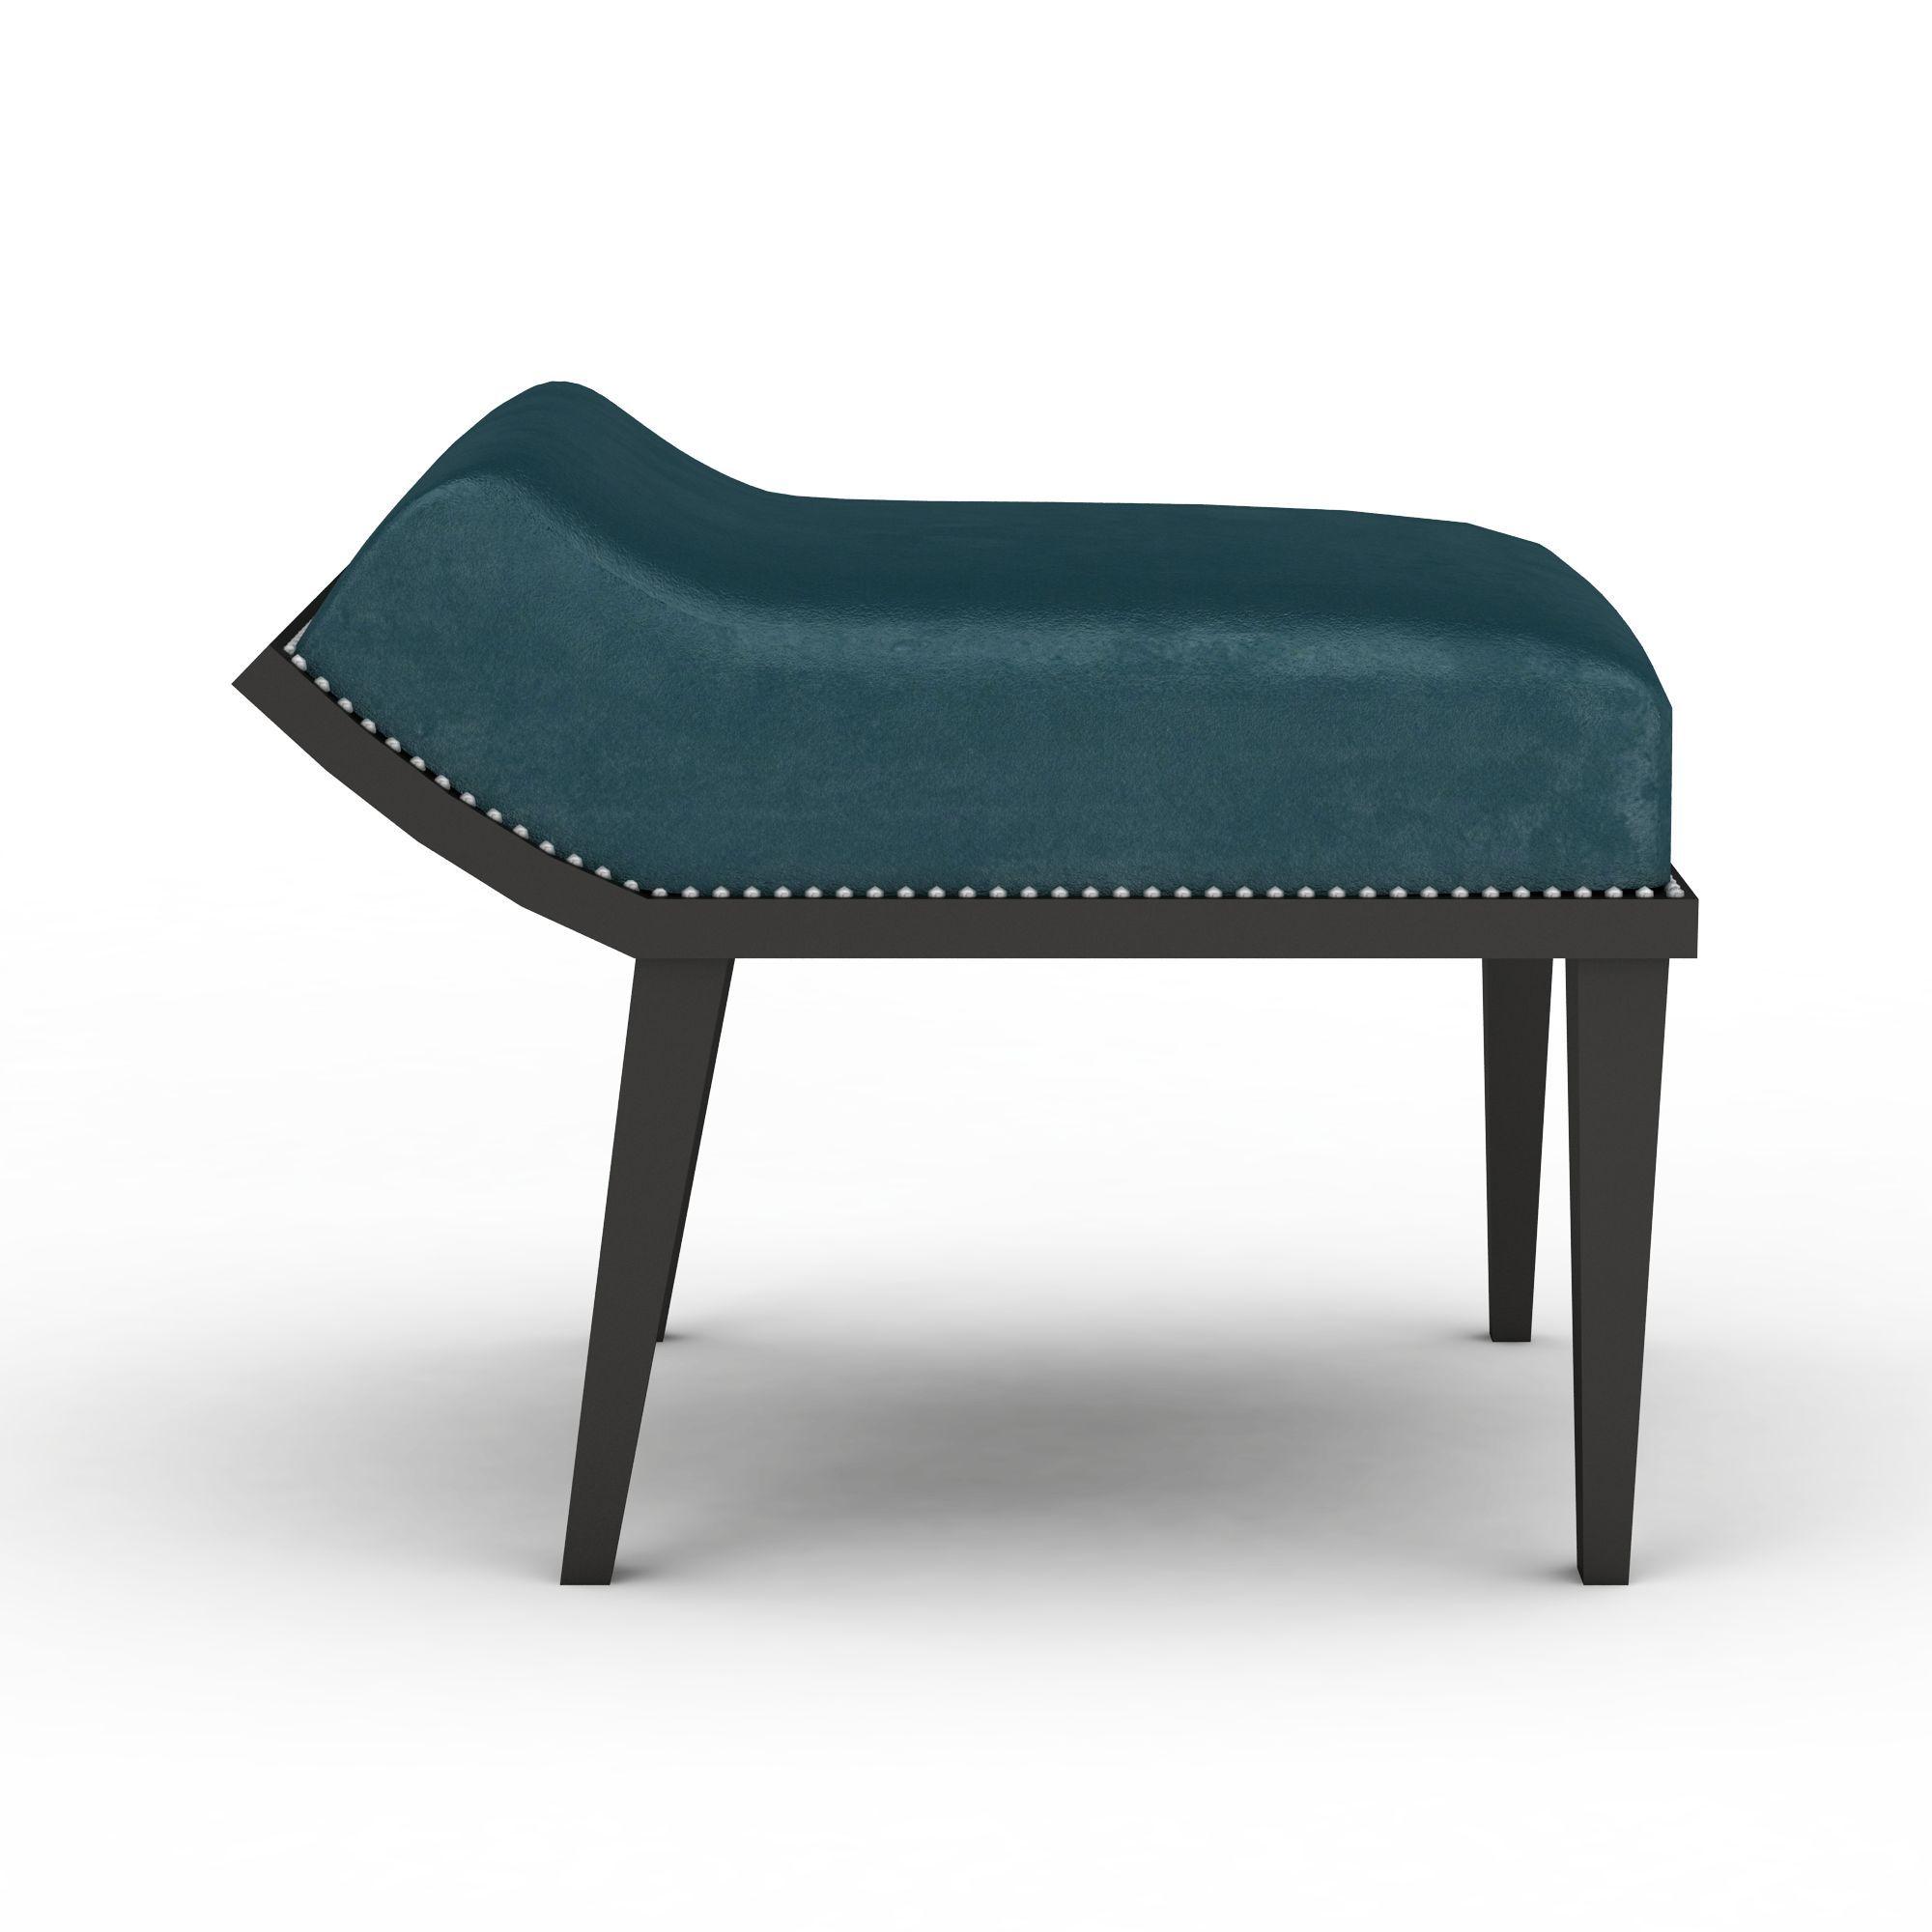 茶几 家具 椅 椅子 桌子 2000_2000图片